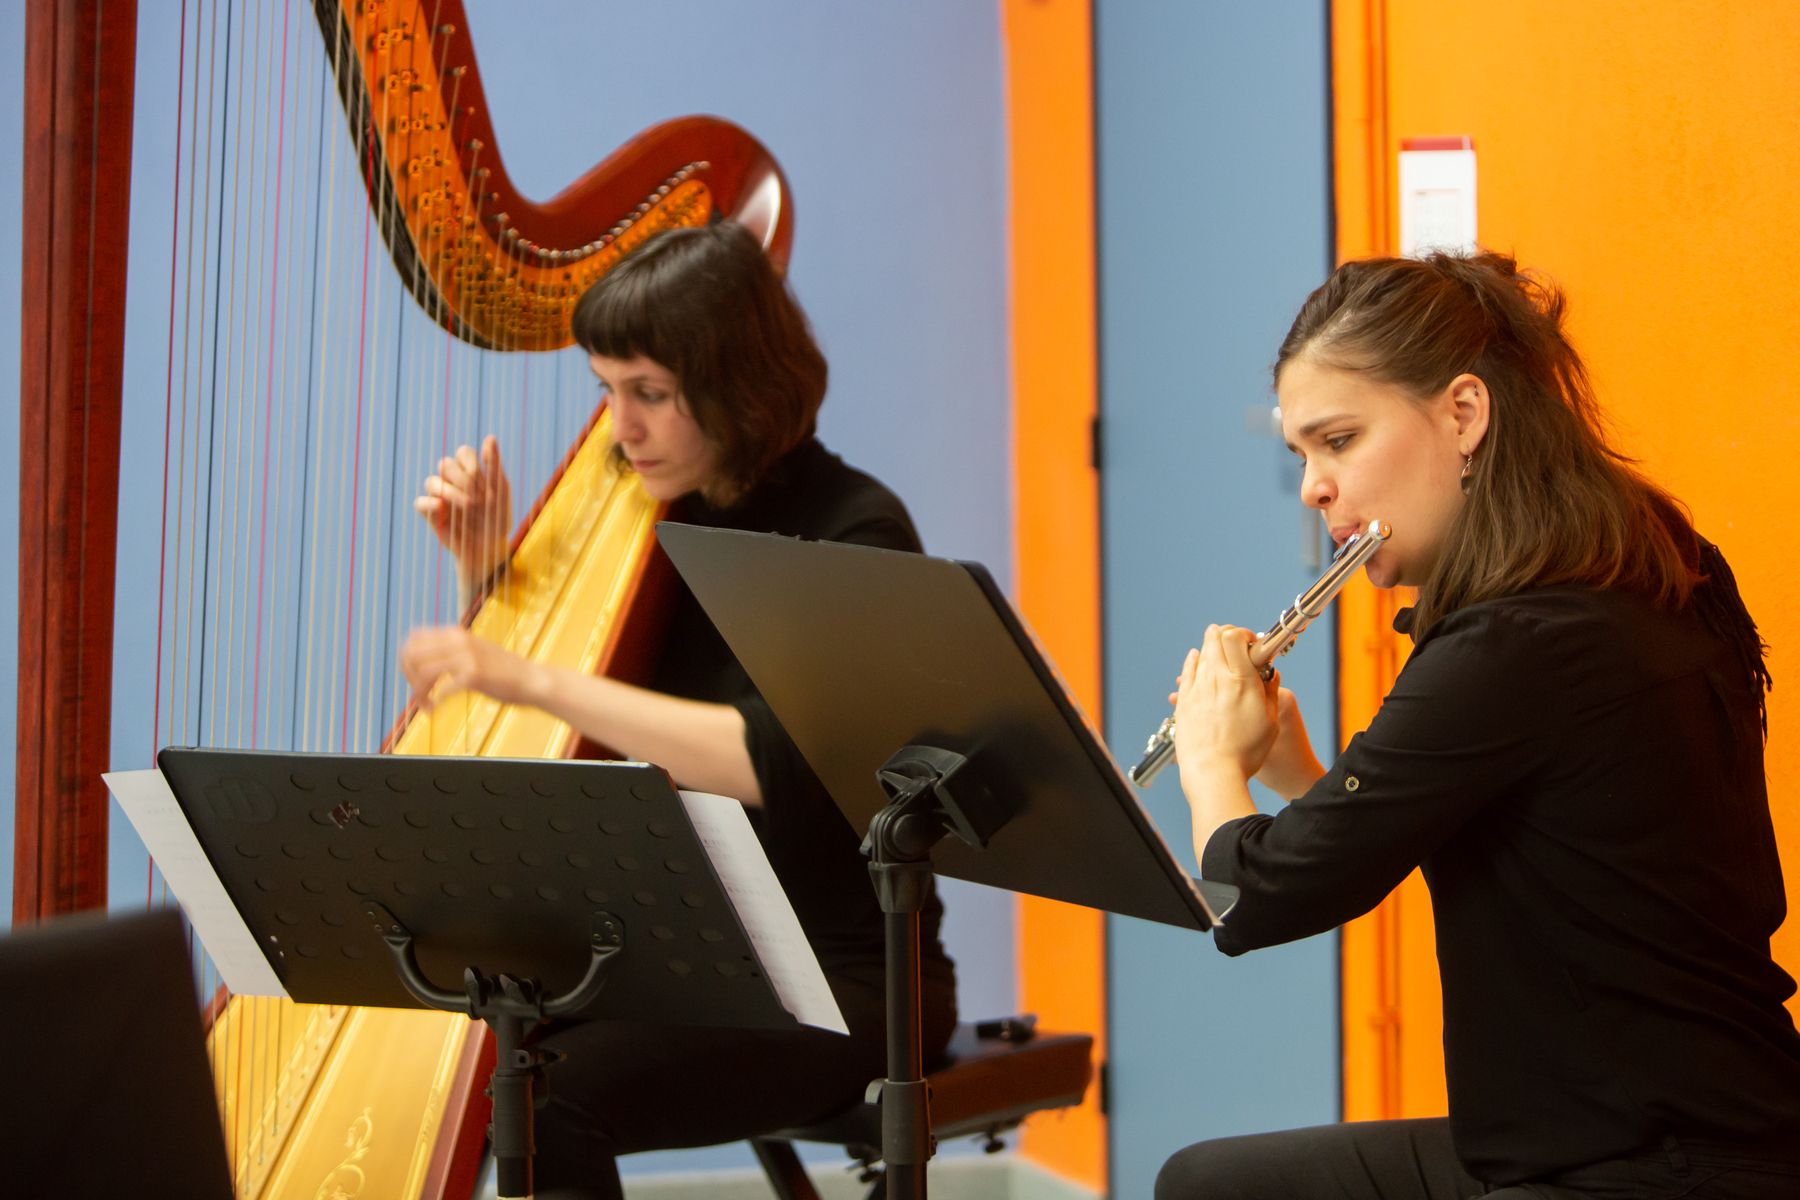 Un momento de la intervención del dúo musical.